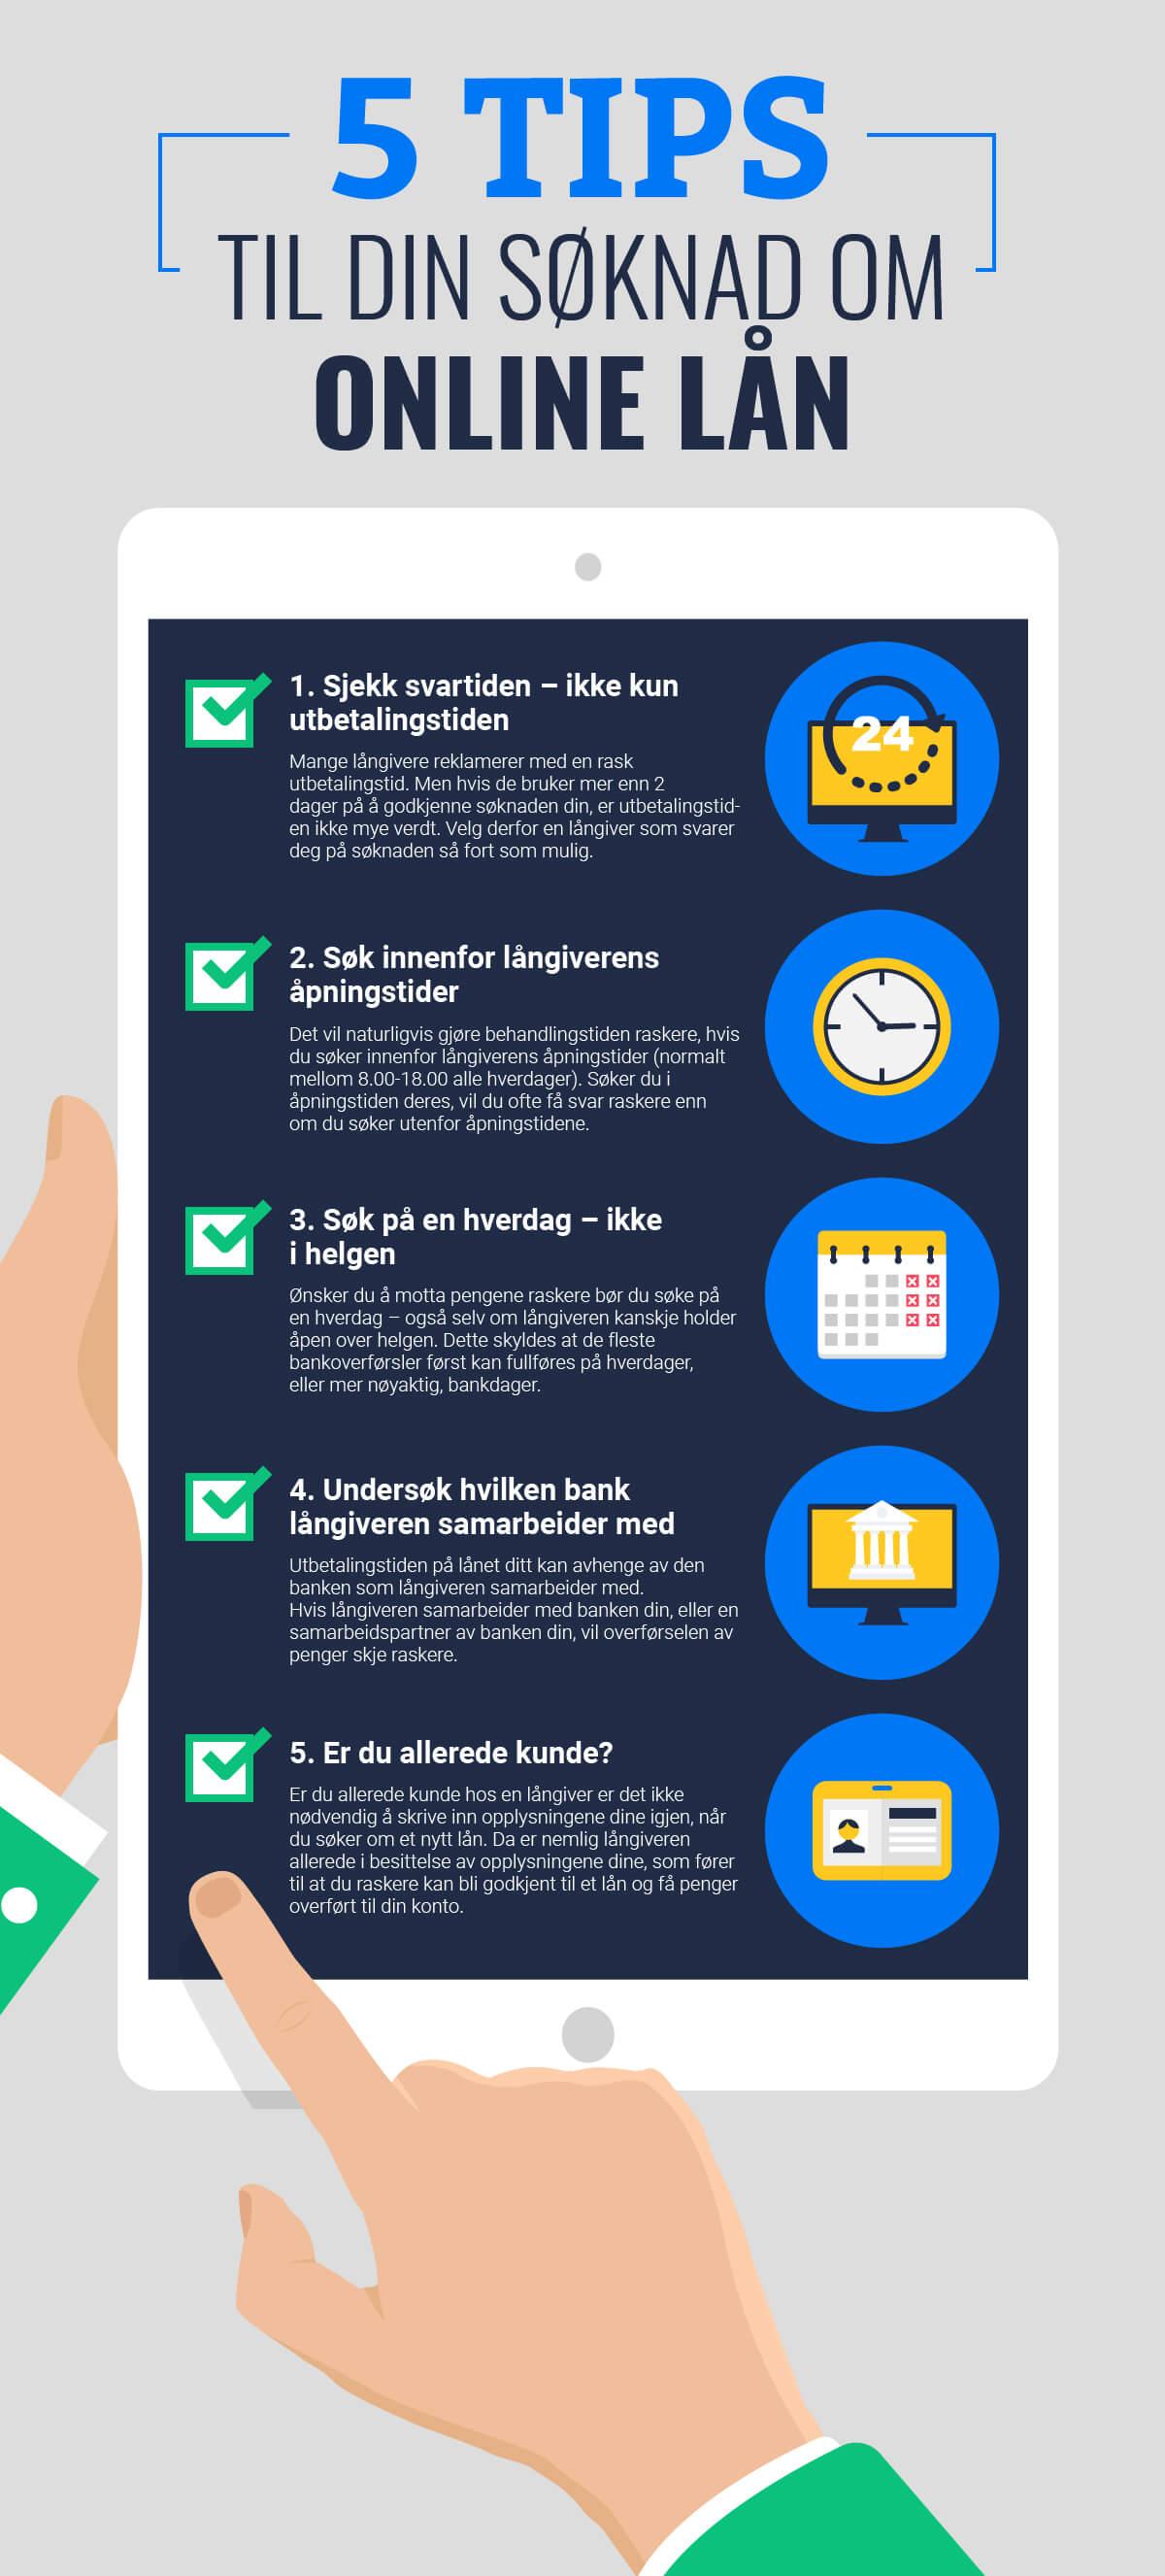 5 tips til din søknad om online lån